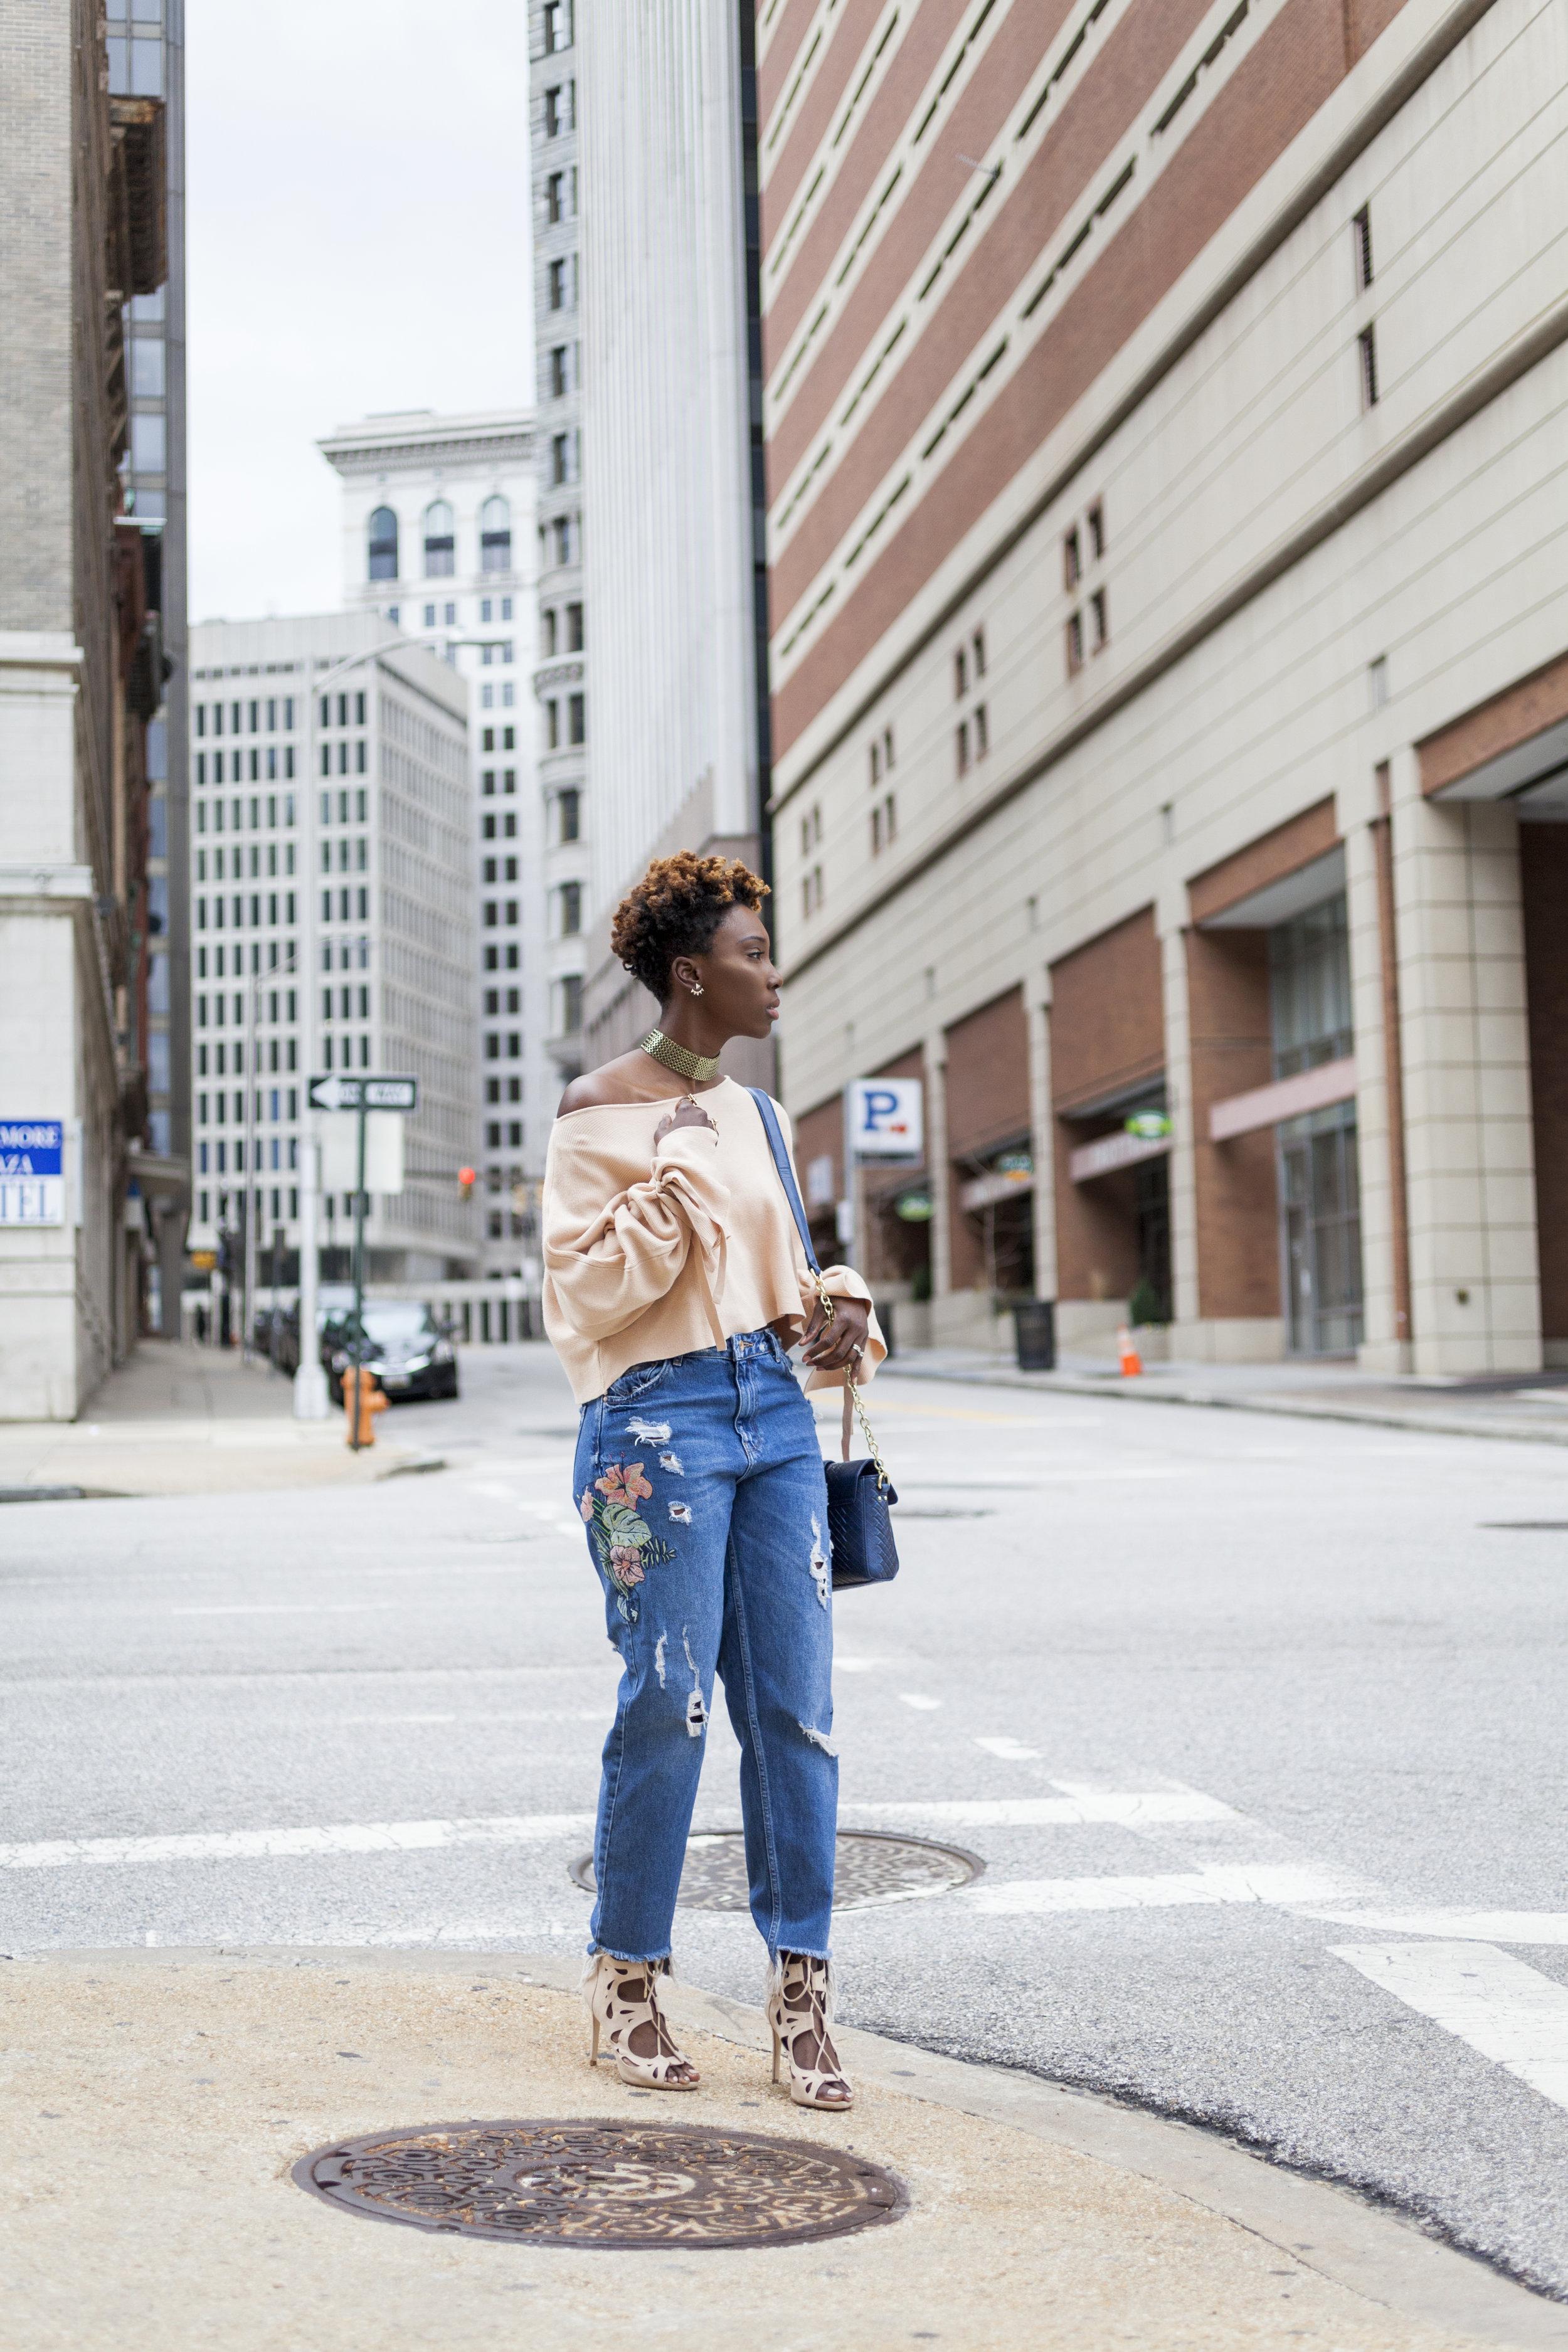 Dayna-Bolden-zara-off-the-shoulder-top-detail-sleeves-zara-patched-denim-jeans-16.jpg